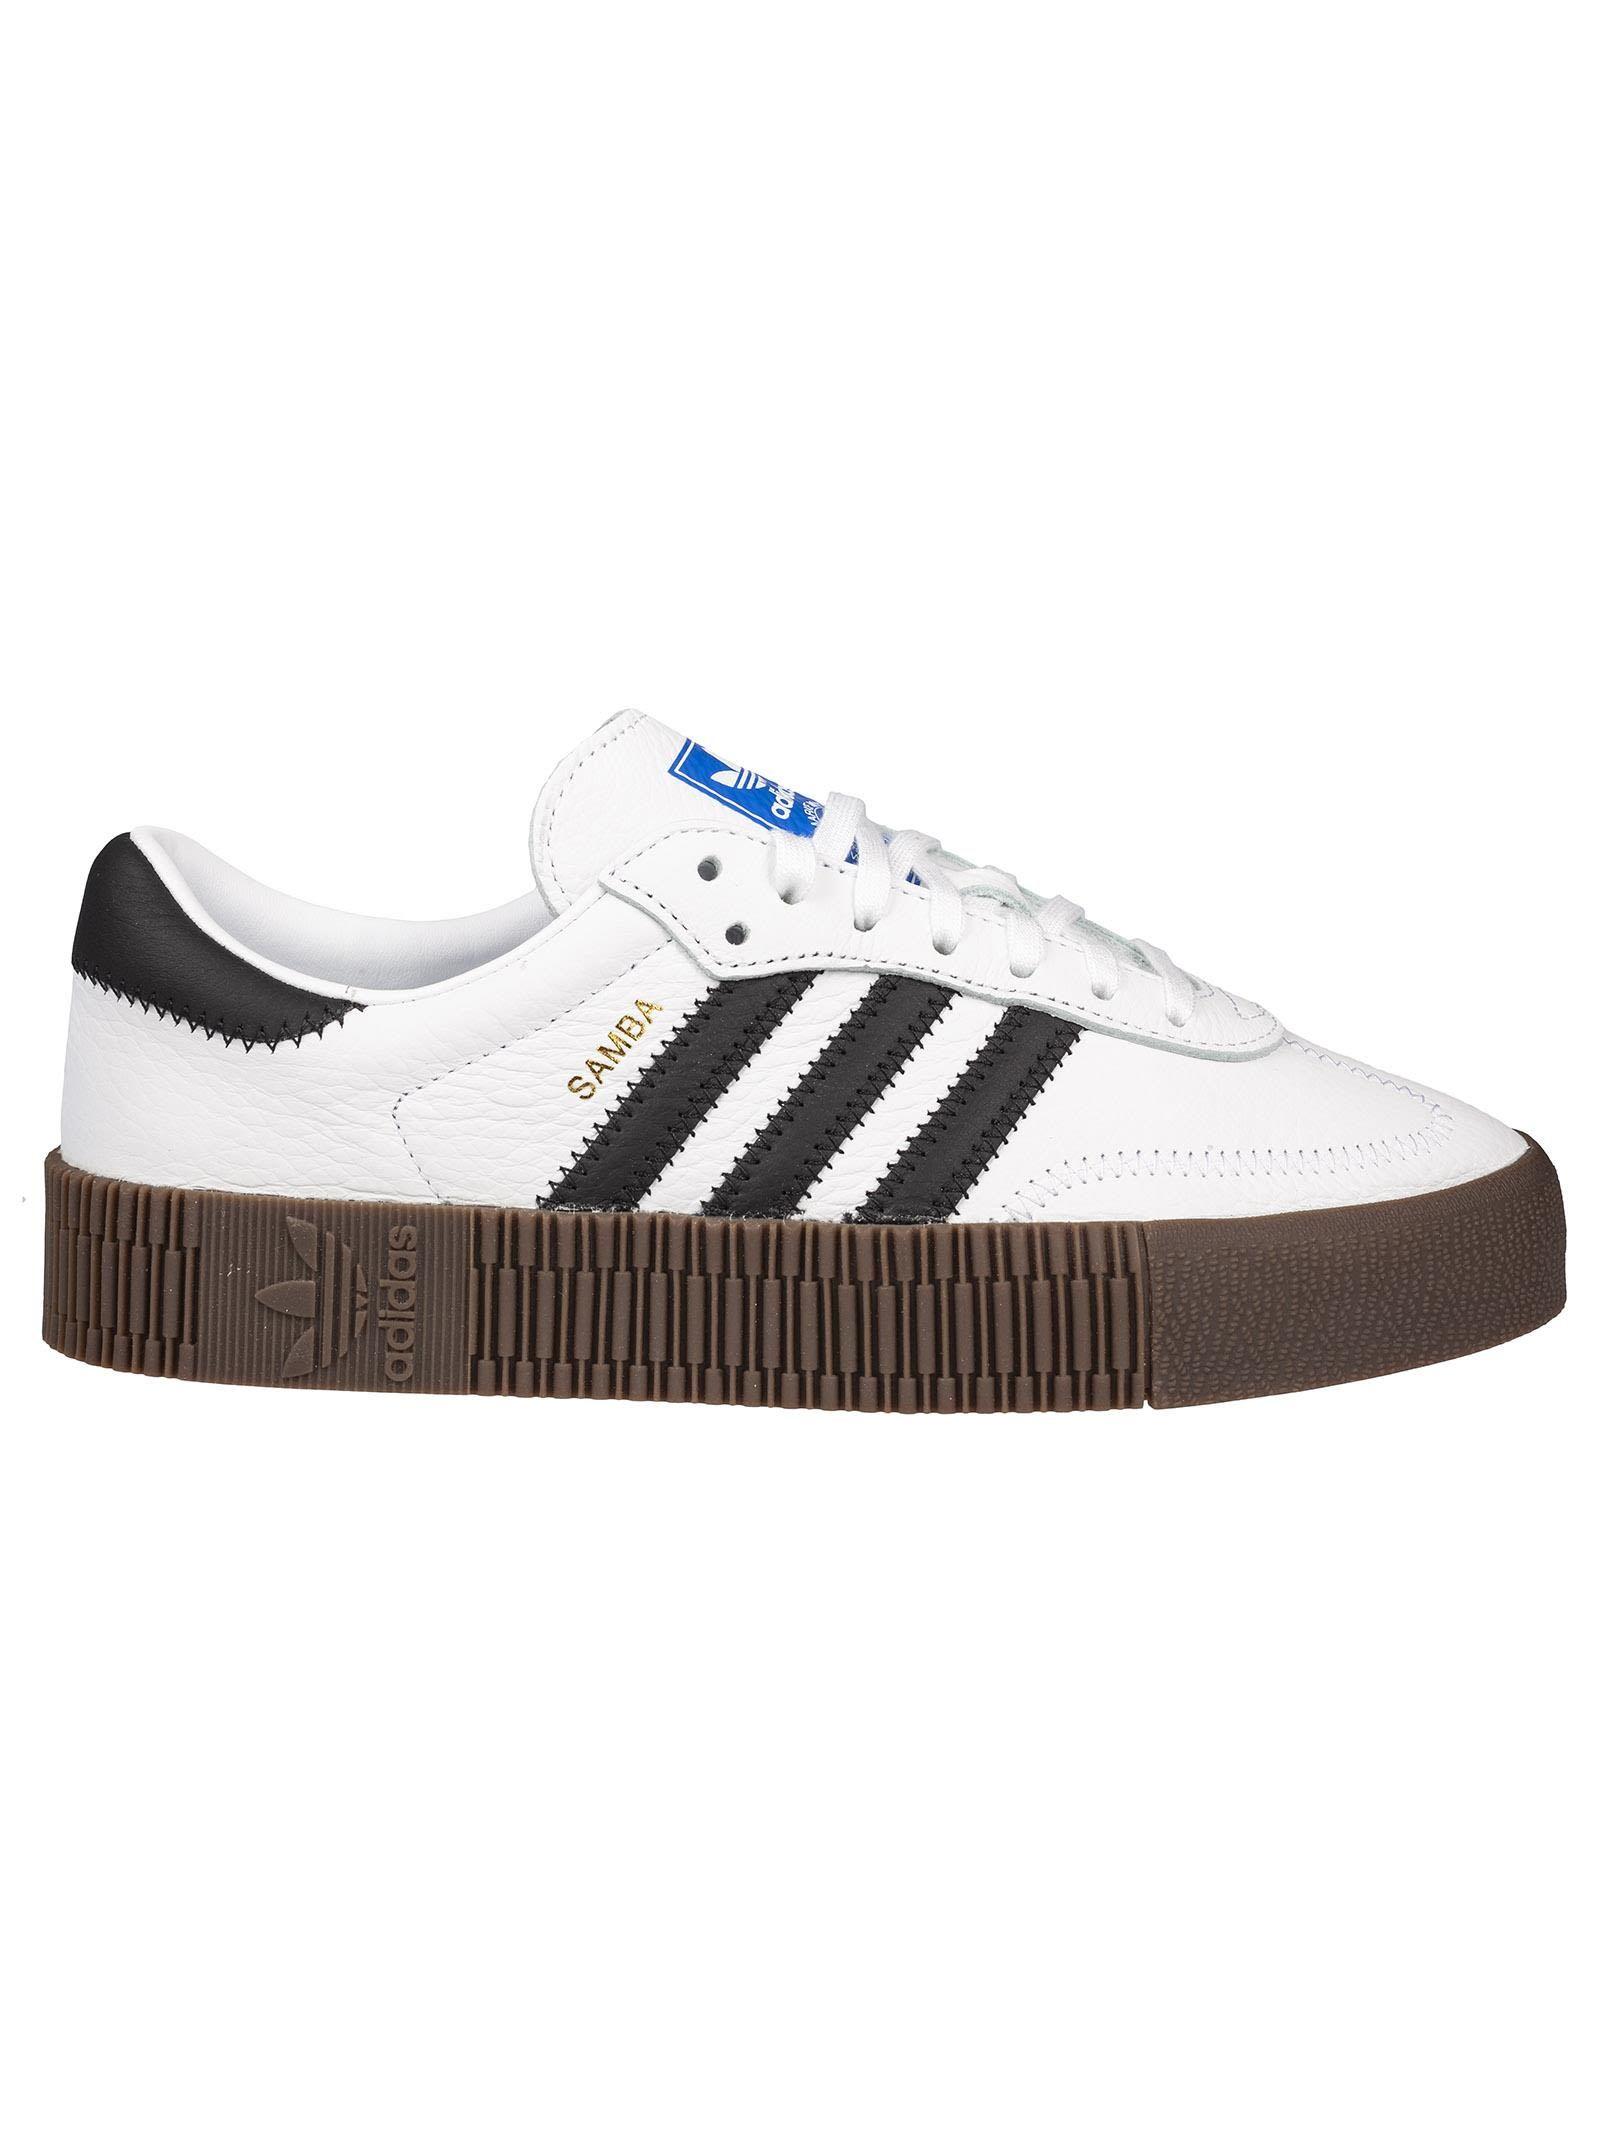 save off 7cede e1e62 ADIDAS ORIGINALS SAMBAROSE SNEAKERS.  adidasoriginals  shoes